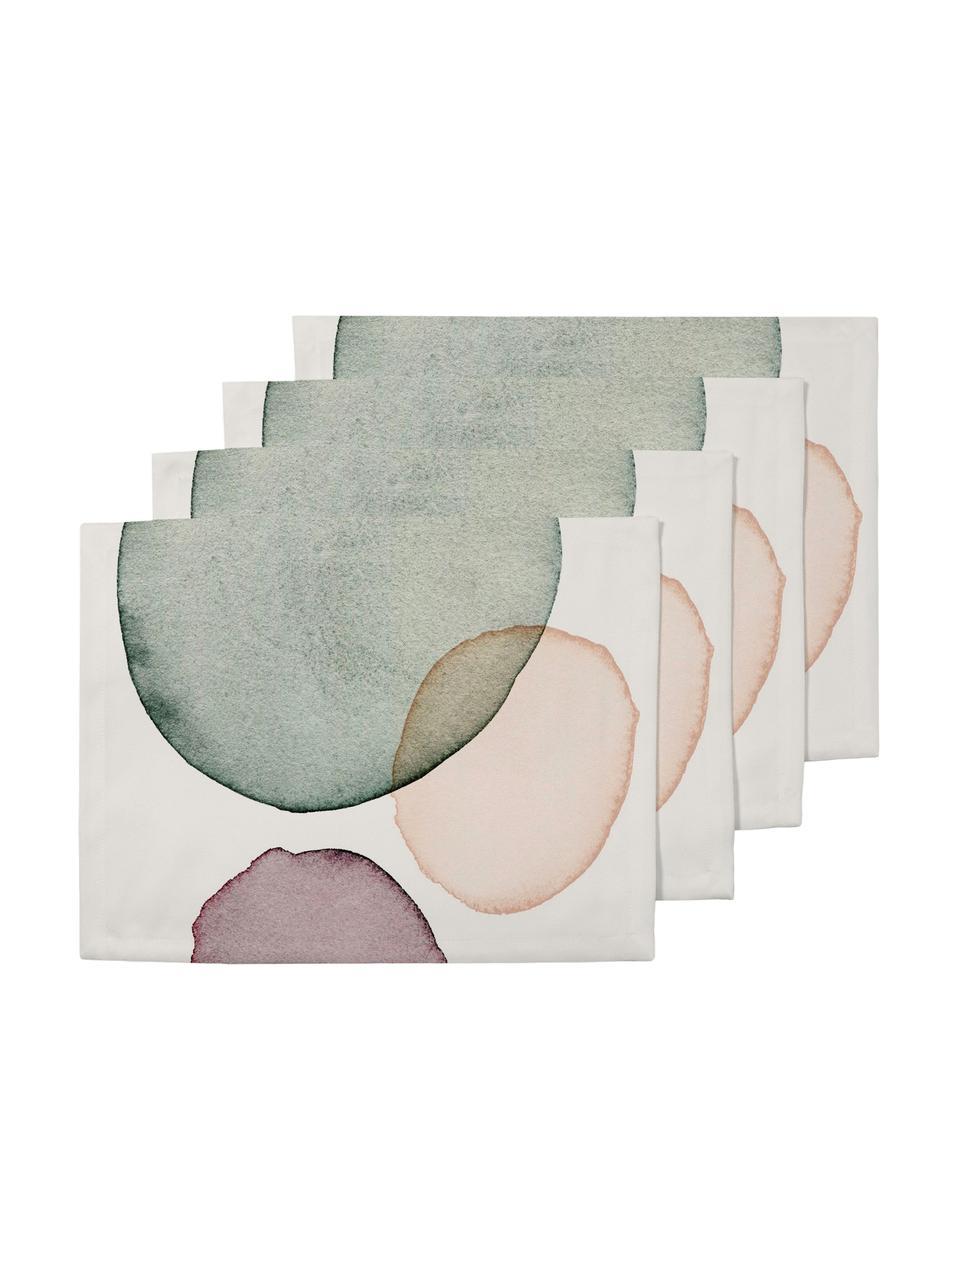 Tovaglietta americana Calm 4 pz, Poliestere, Bianco, verde, lilla, salmone, Larg. 35 x Lung. 45 cm